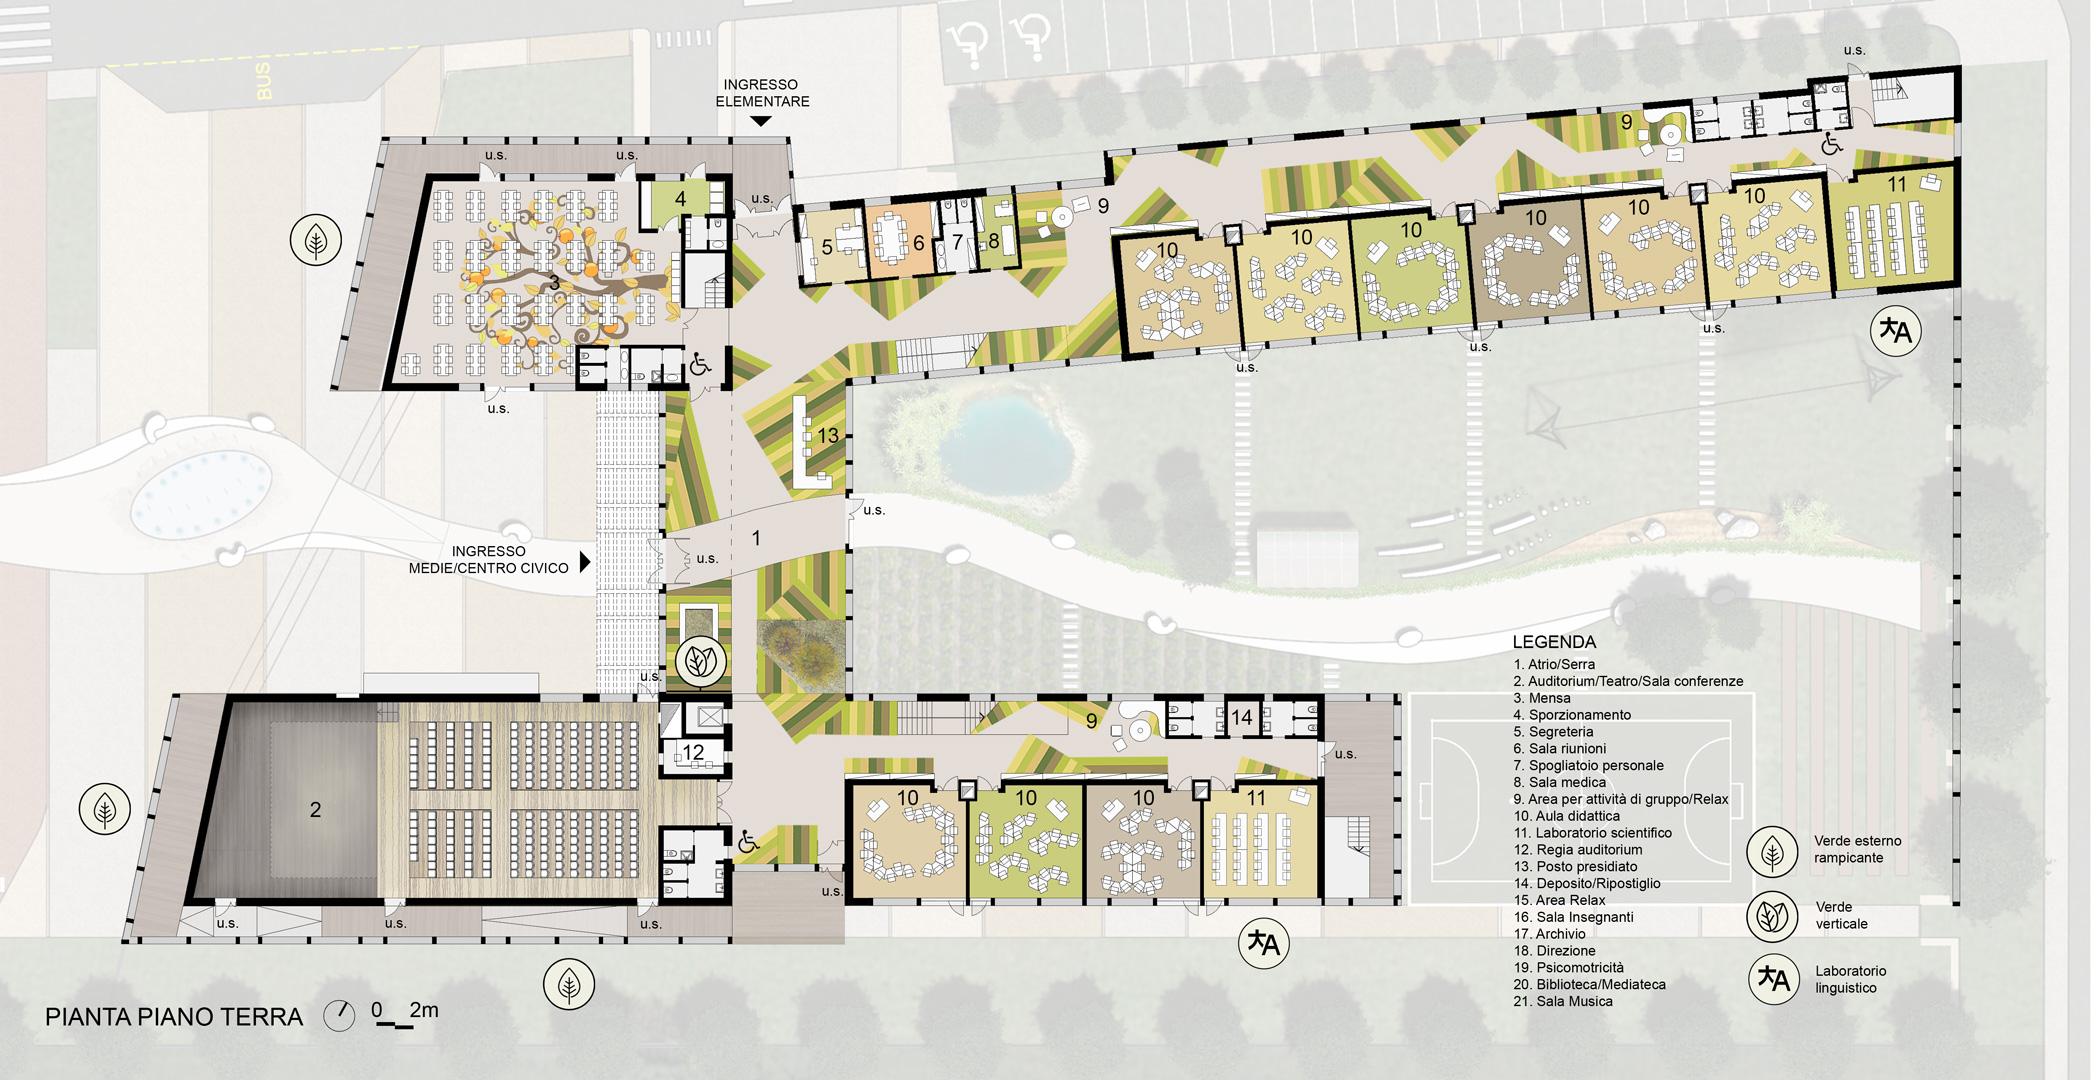 gare-concorsi-scuole-bioedilizia-lonate-ceppino-pianta-architettonico